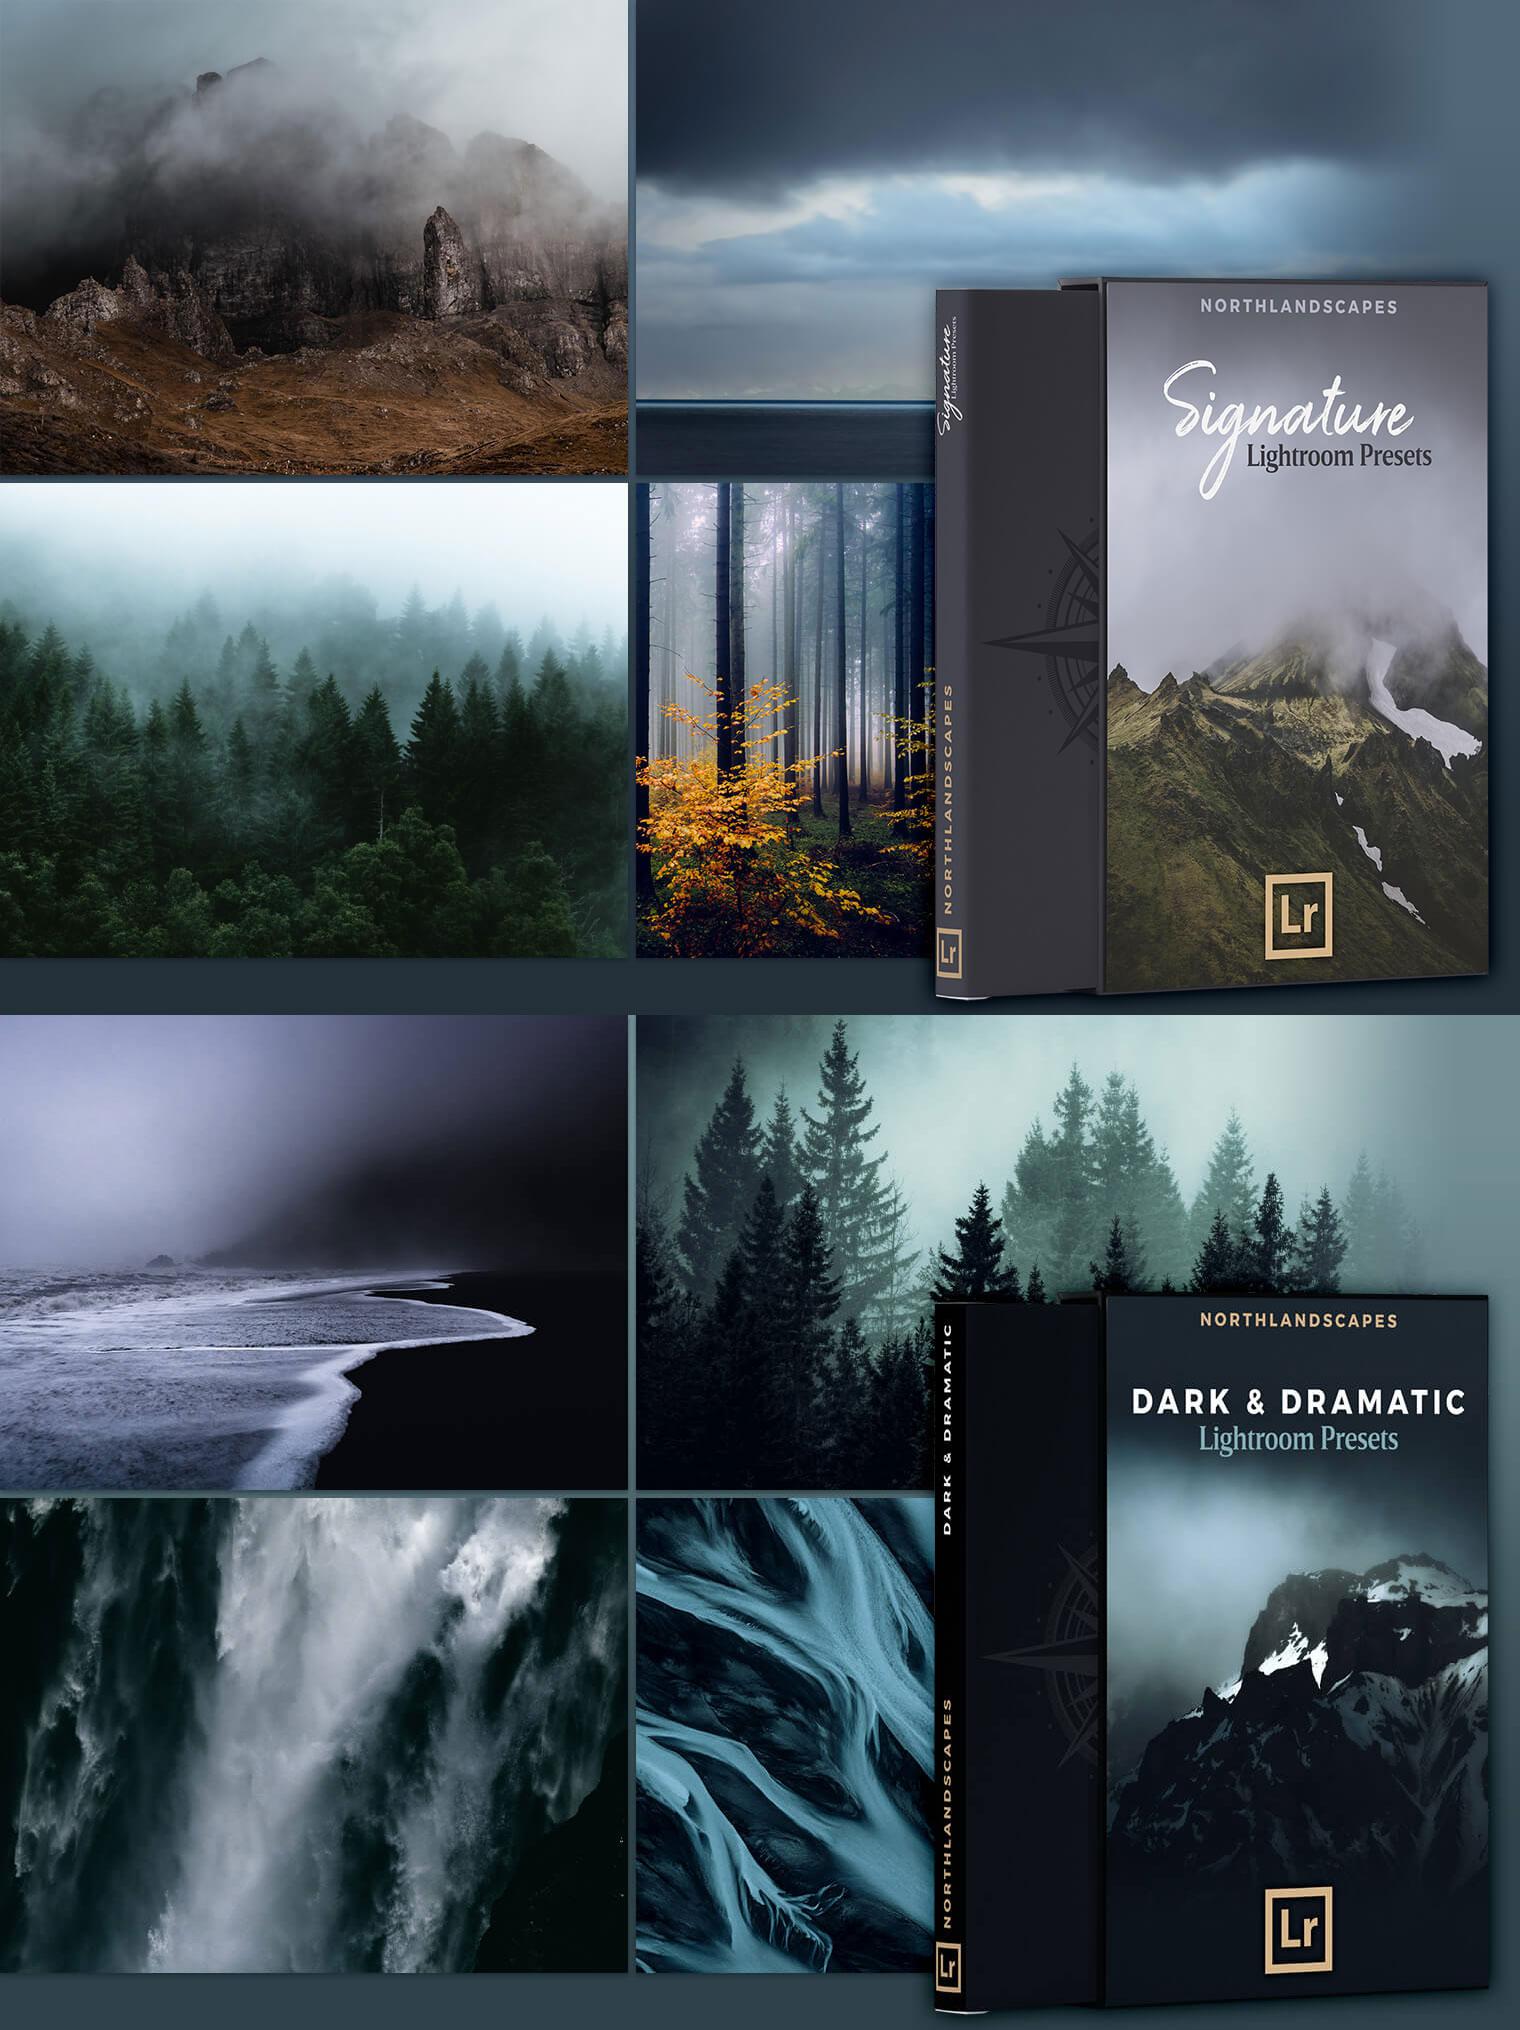 NorthLandscapes   6 Professional Lightroom Preset Packs for Landscape %2526 Travel Photography